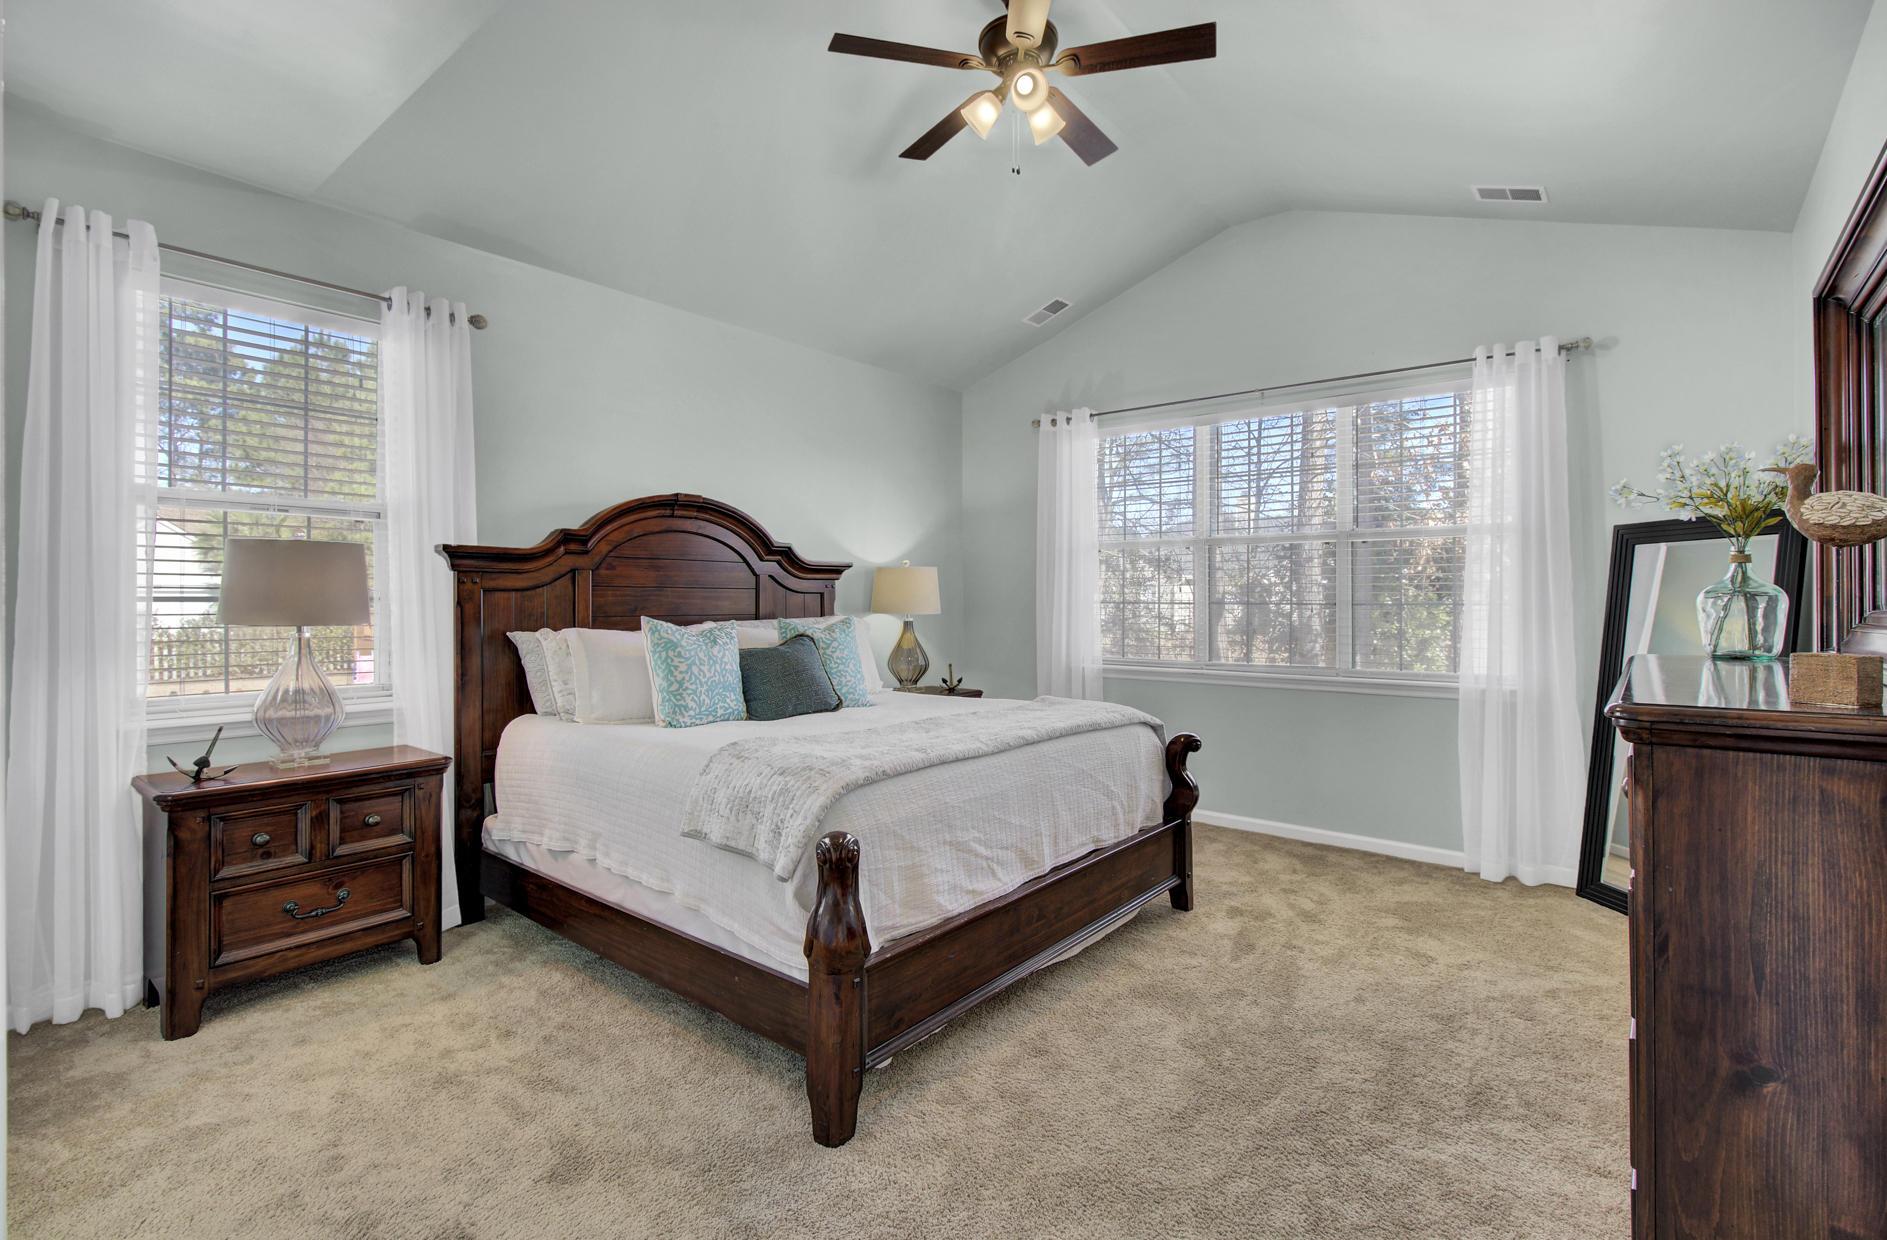 Park West Homes For Sale - 1497 Endicot, Mount Pleasant, SC - 13